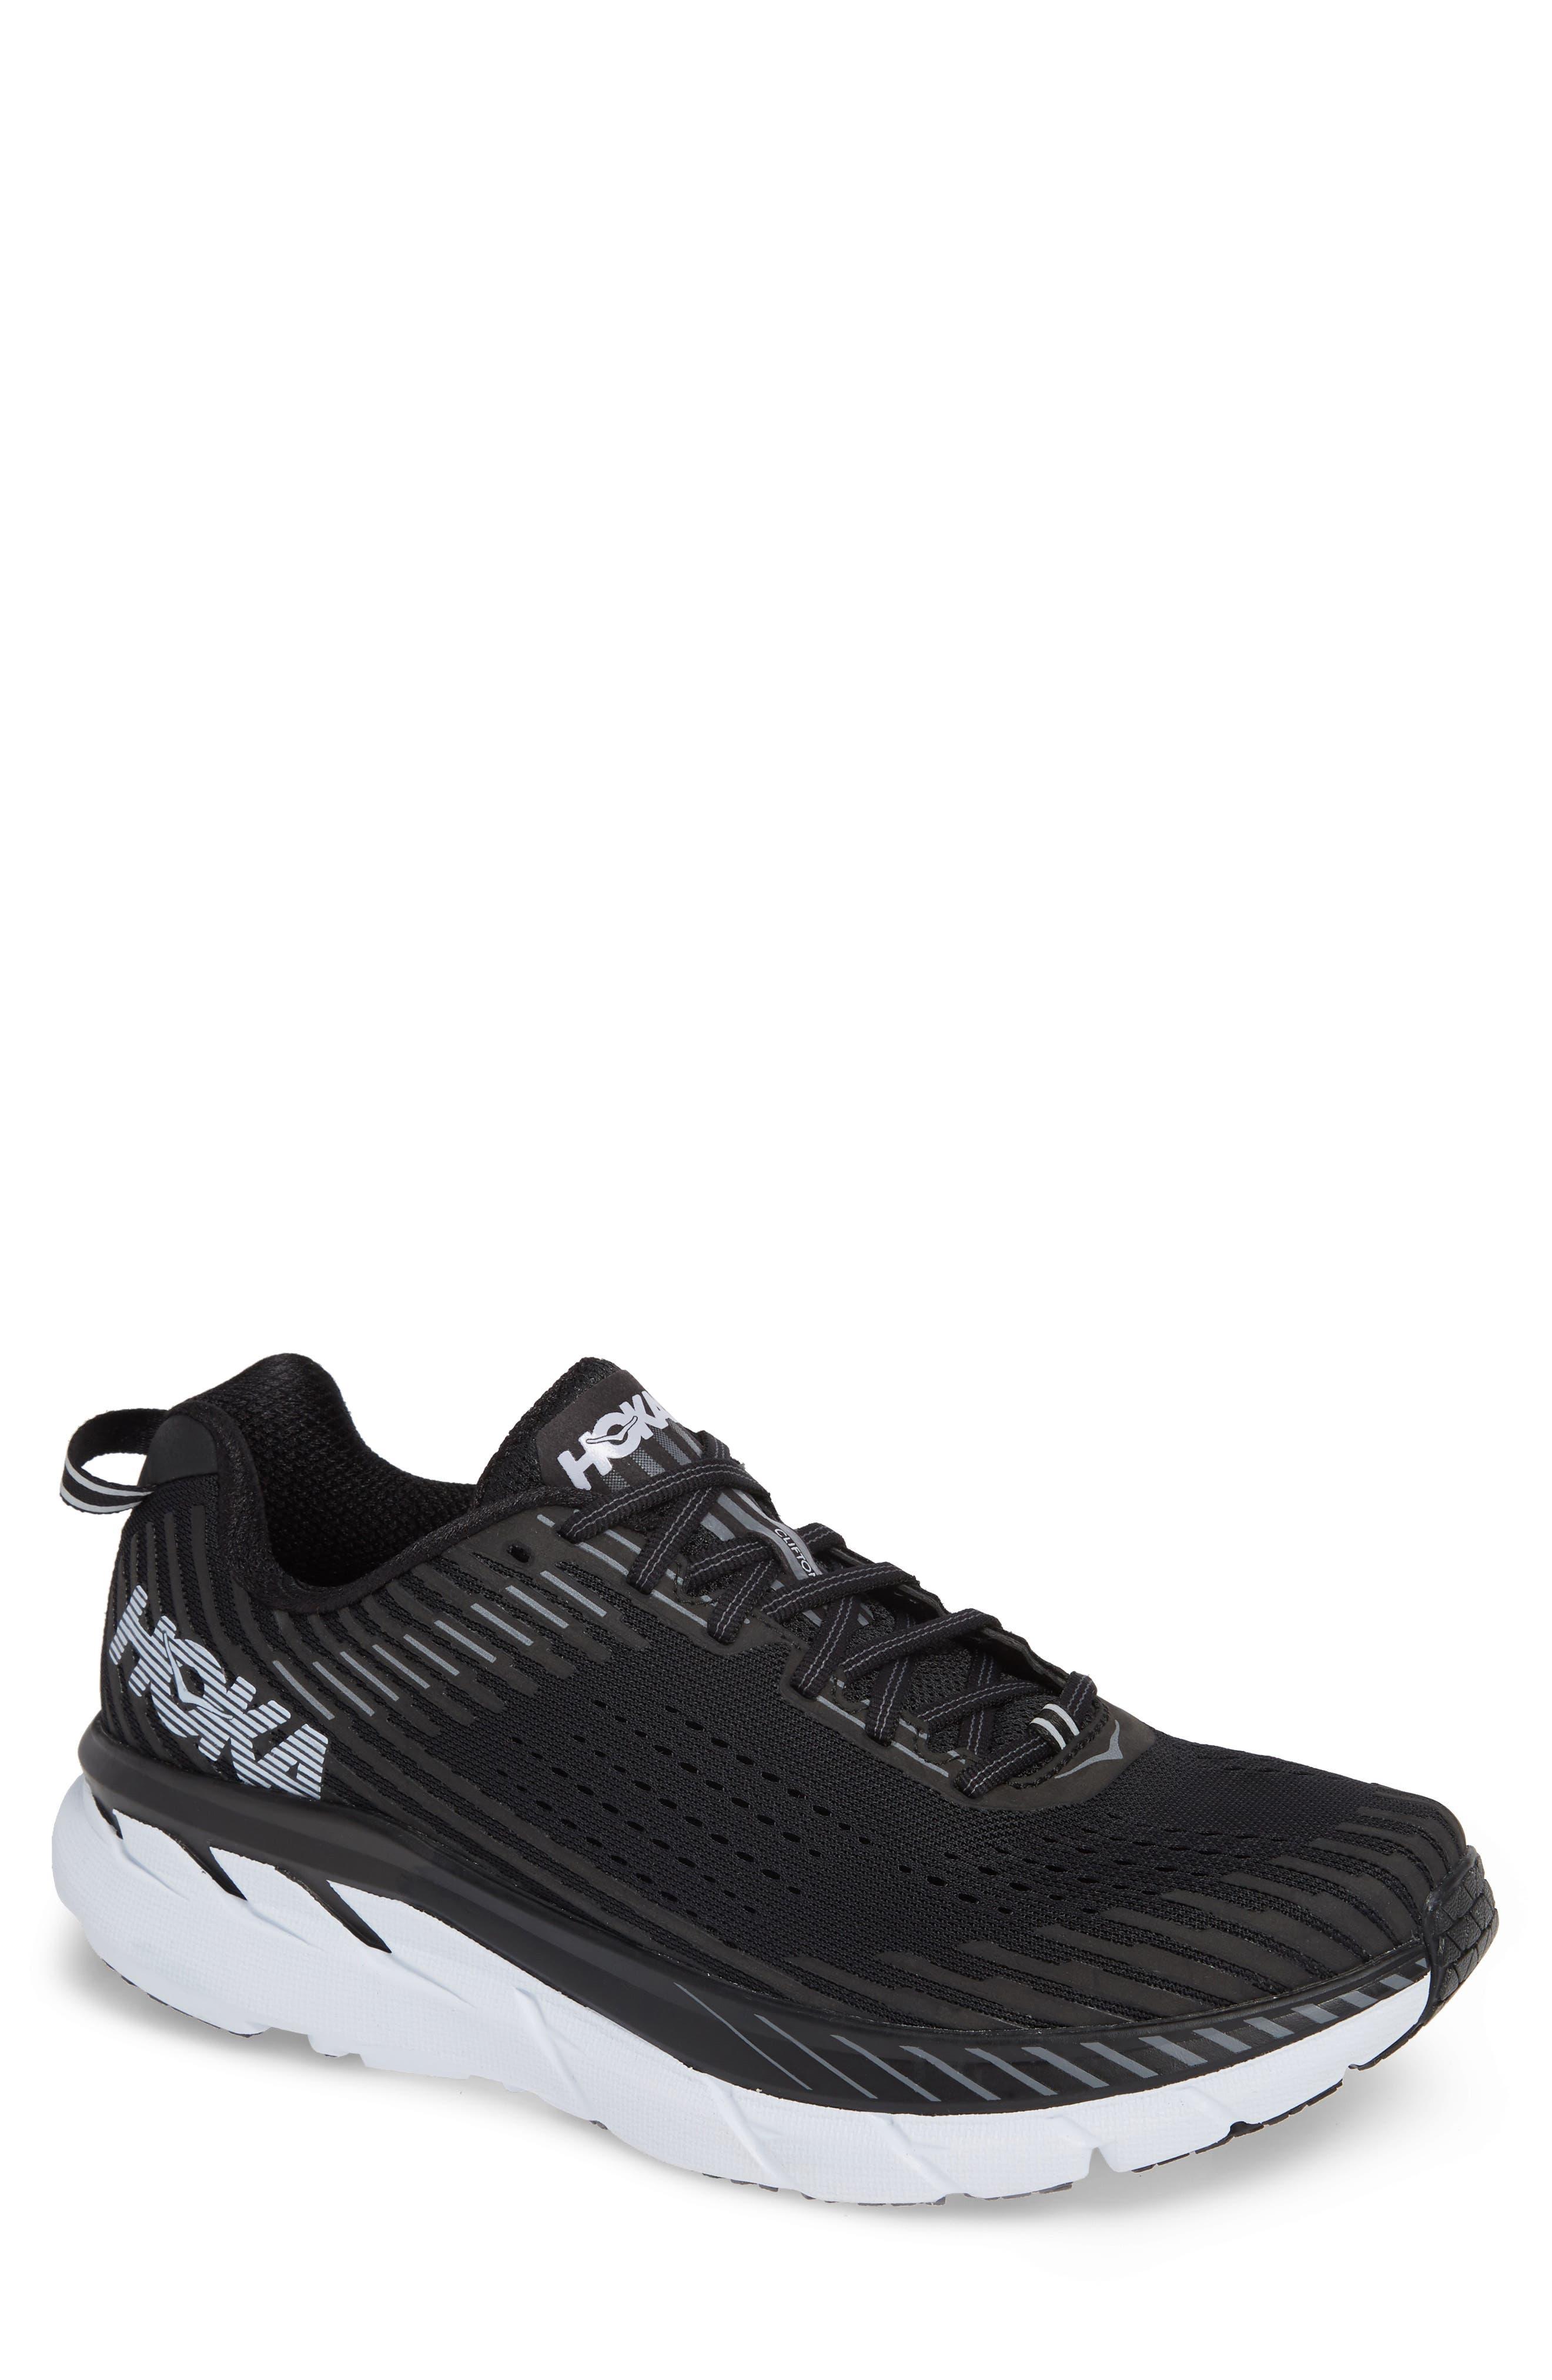 Clifton 5 Running Shoe,                             Main thumbnail 1, color,                             BLACK/ WHITE